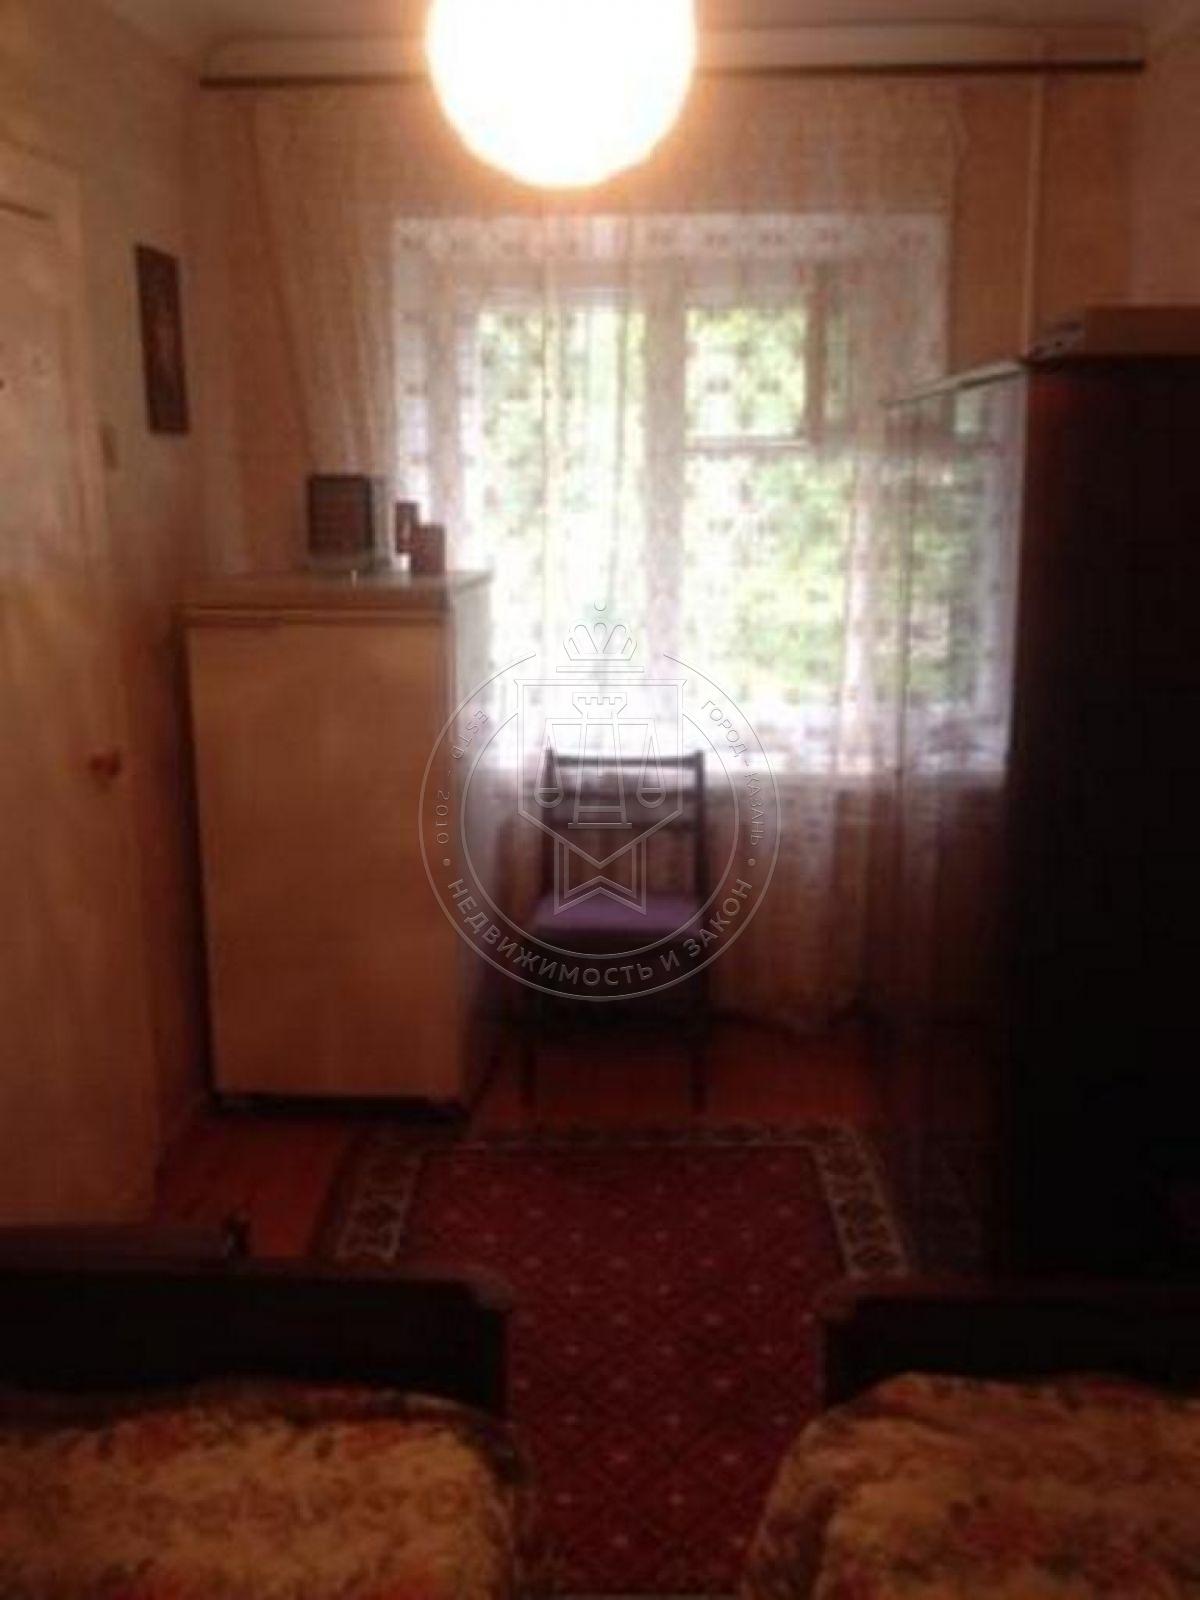 2-к квартира, 45 м², 5/5 эт., Кирпичникова, 10 (миниатюра №4)